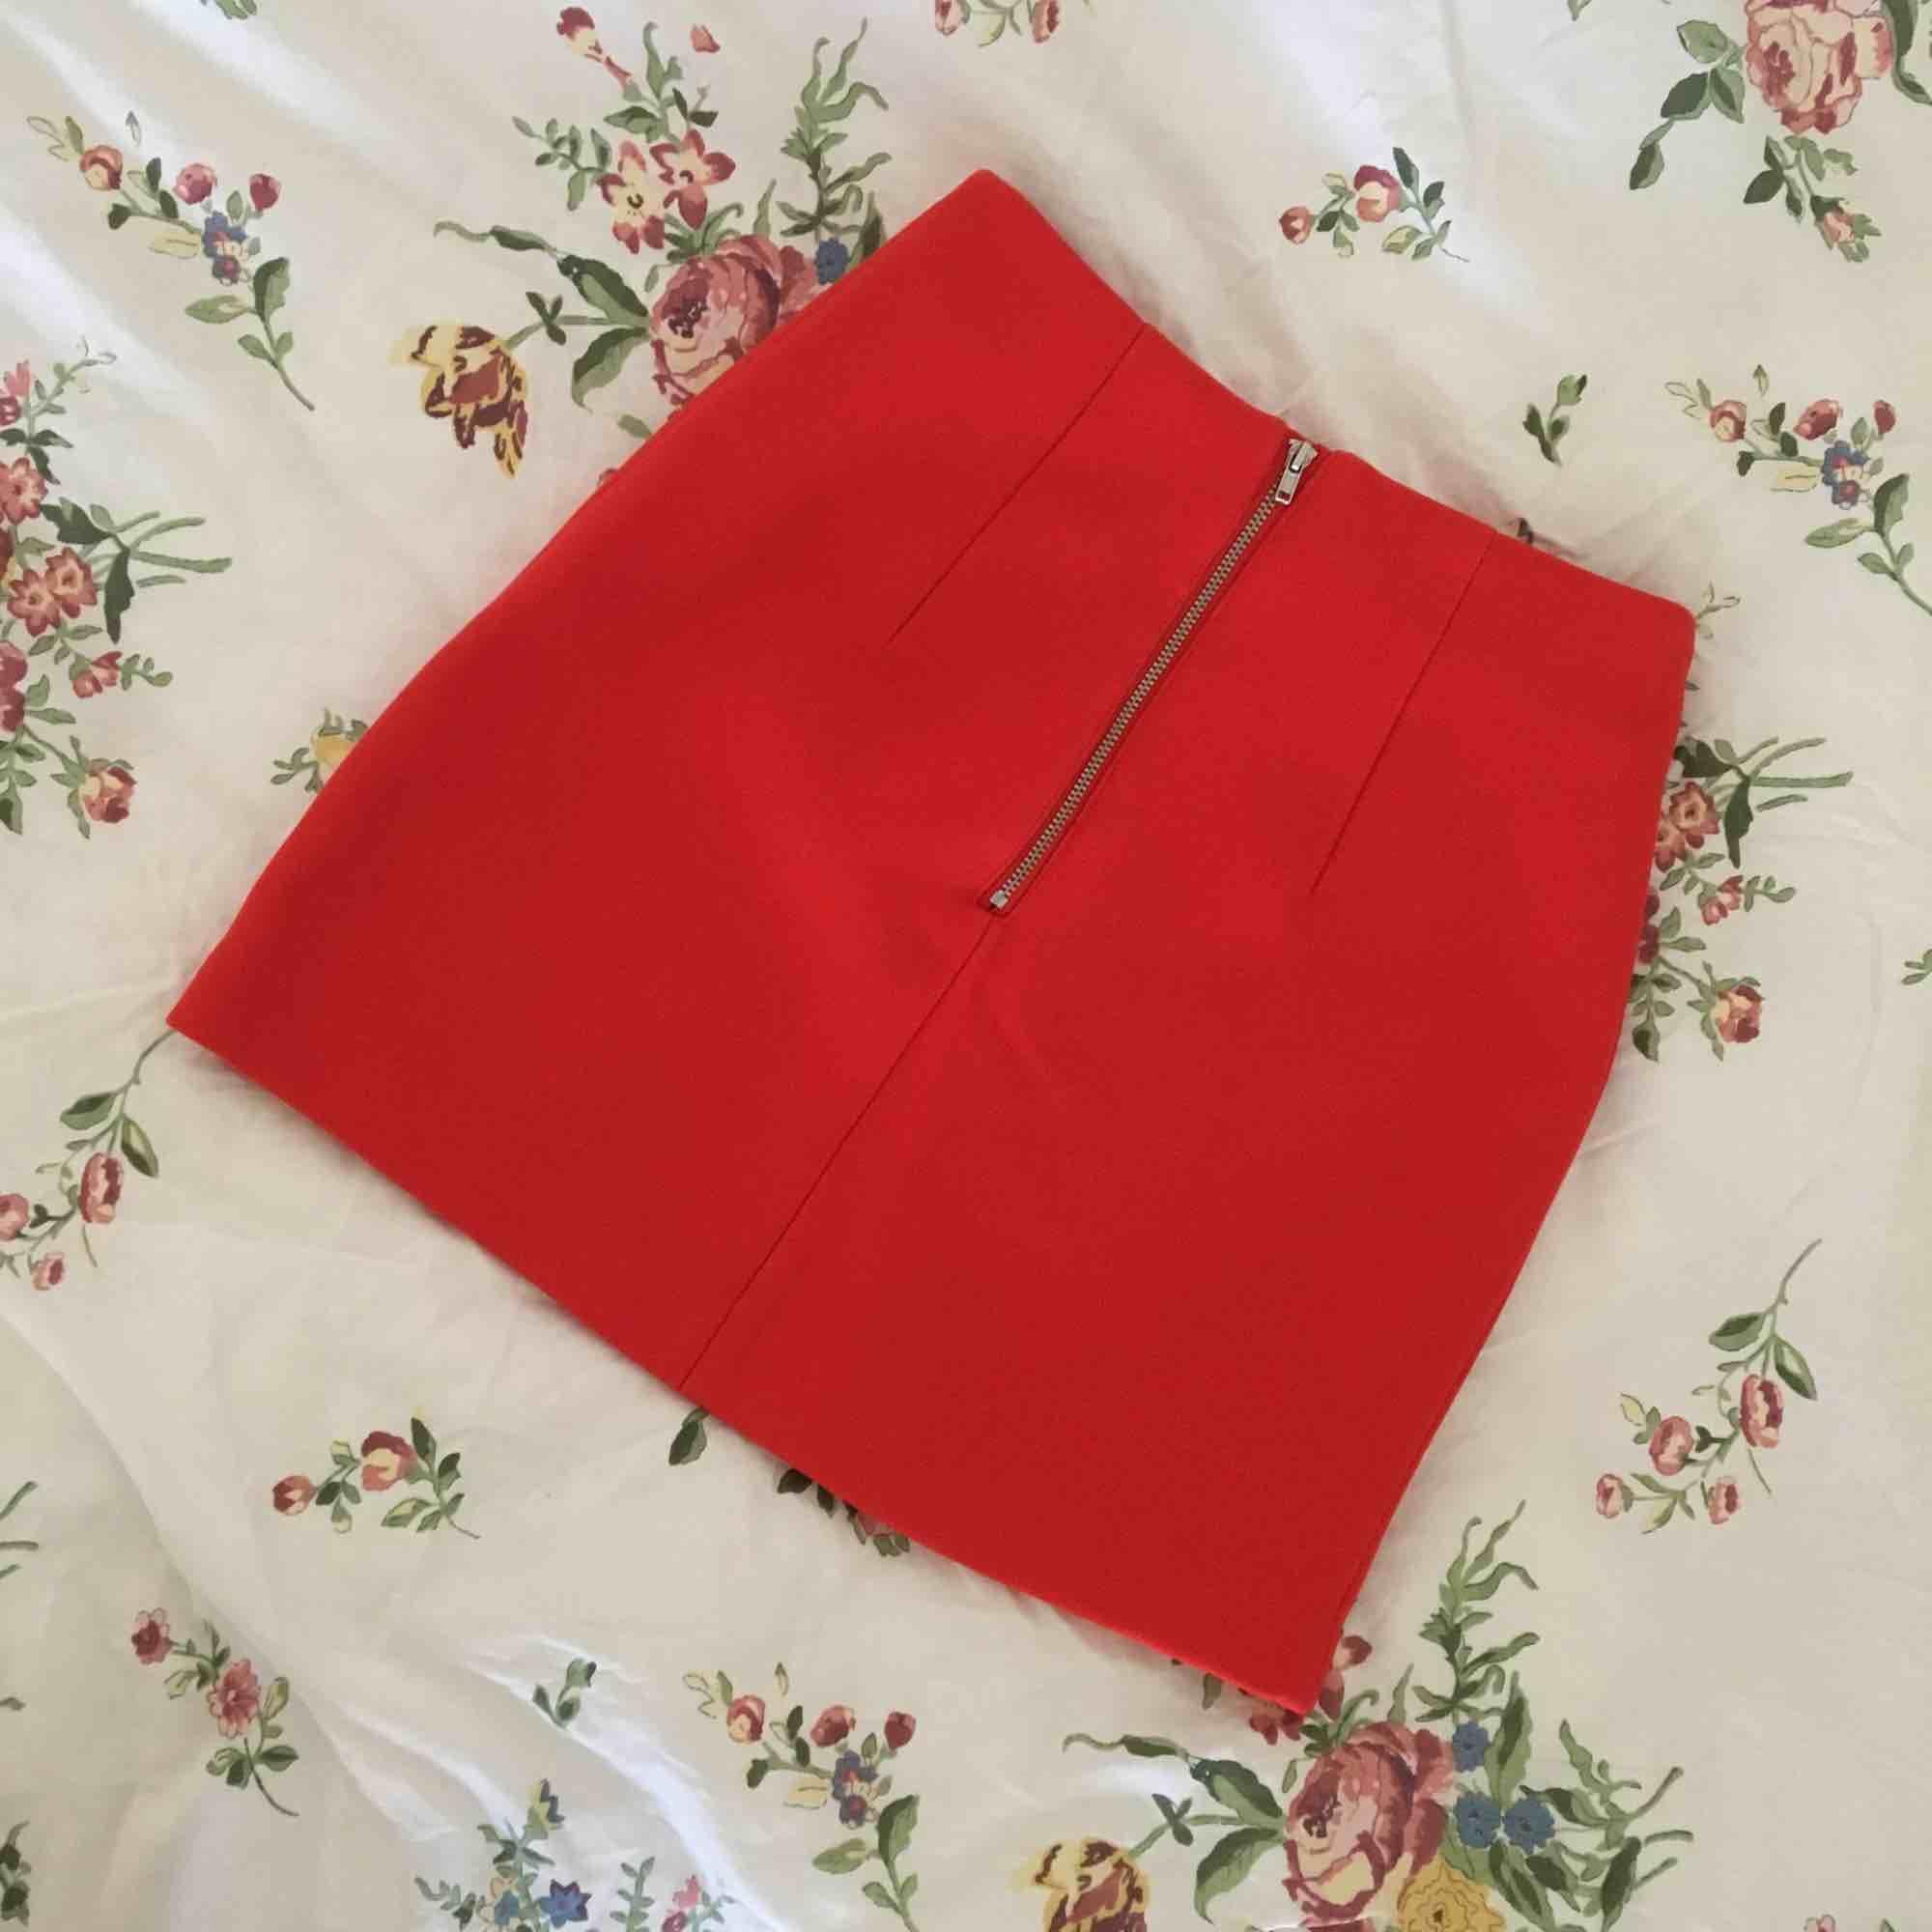 Absoluta favoritkjolen har blivit för liten. Sitter riktigt sexigt och snyggt, från H&M i strl 32 (ej stretch). Nyskick! Frakt tillkommer.. Kjolar.